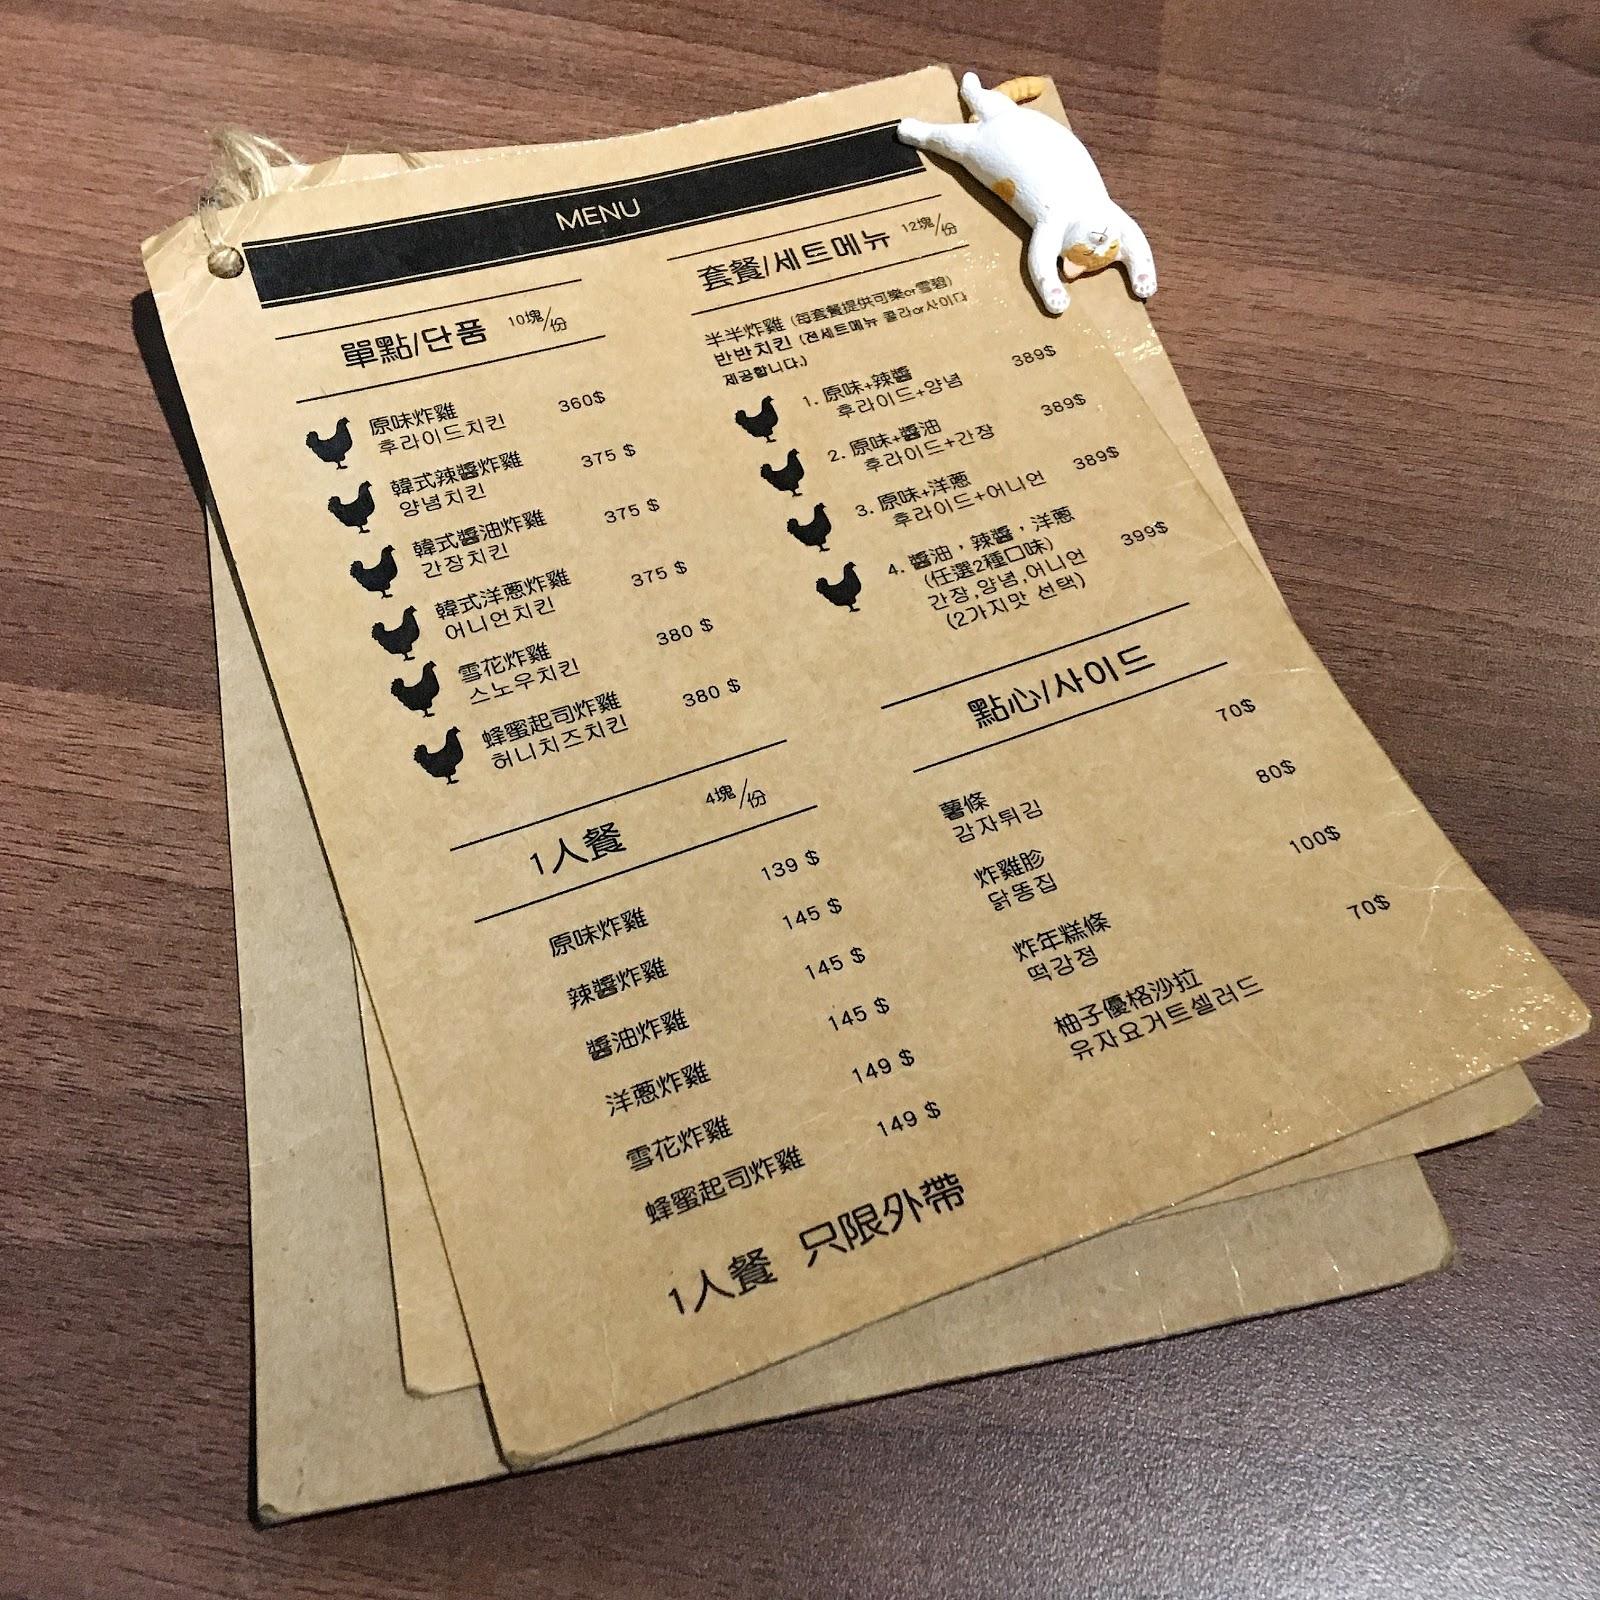 韓國炸雞專賣店Chicken shop菜單2